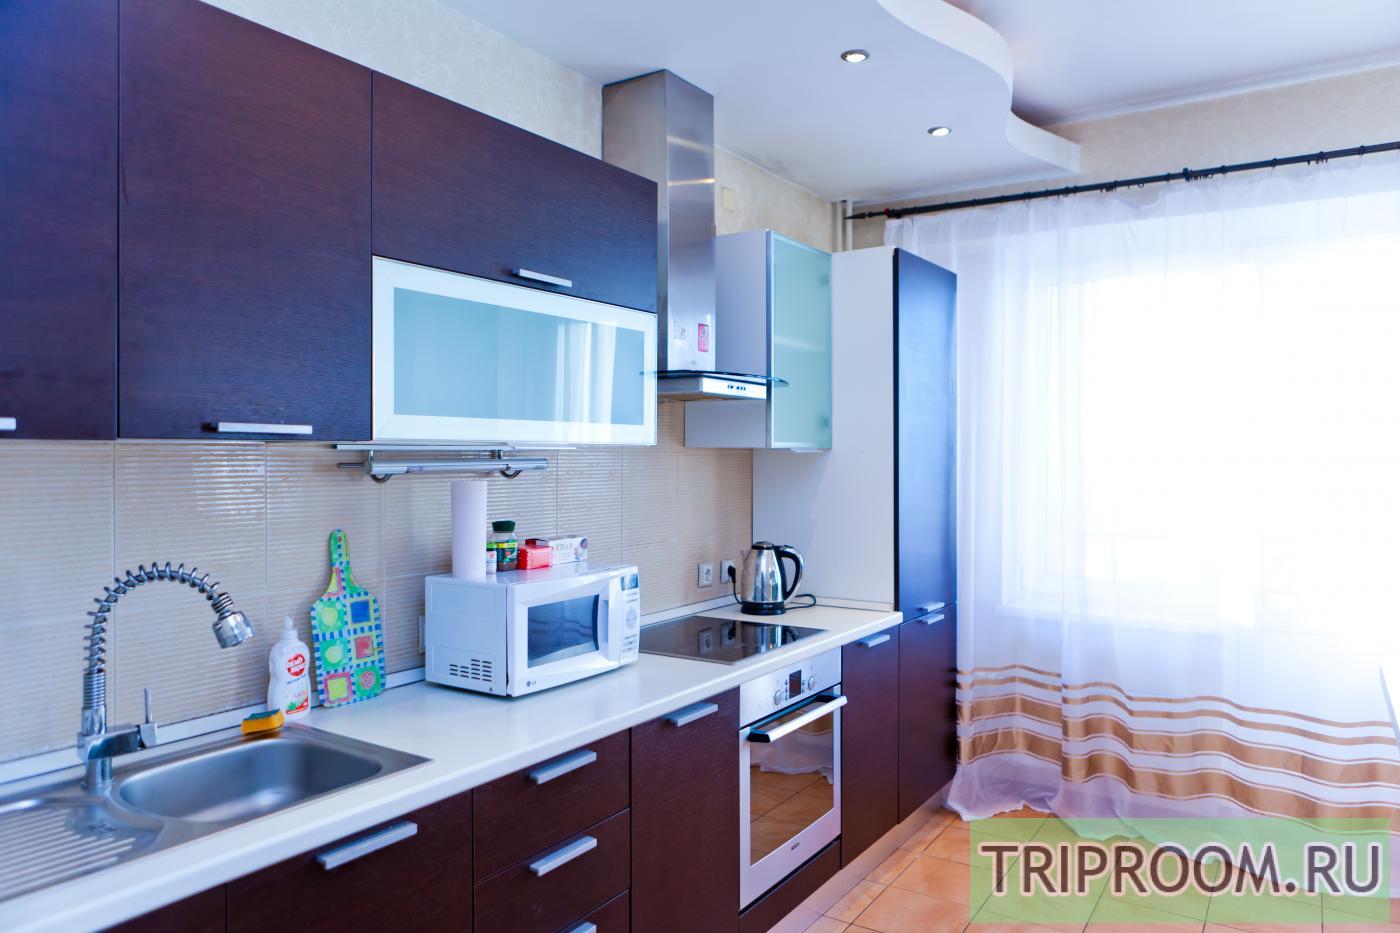 1-комнатная квартира посуточно (вариант № 8924), ул. Байкальская улица, фото № 7